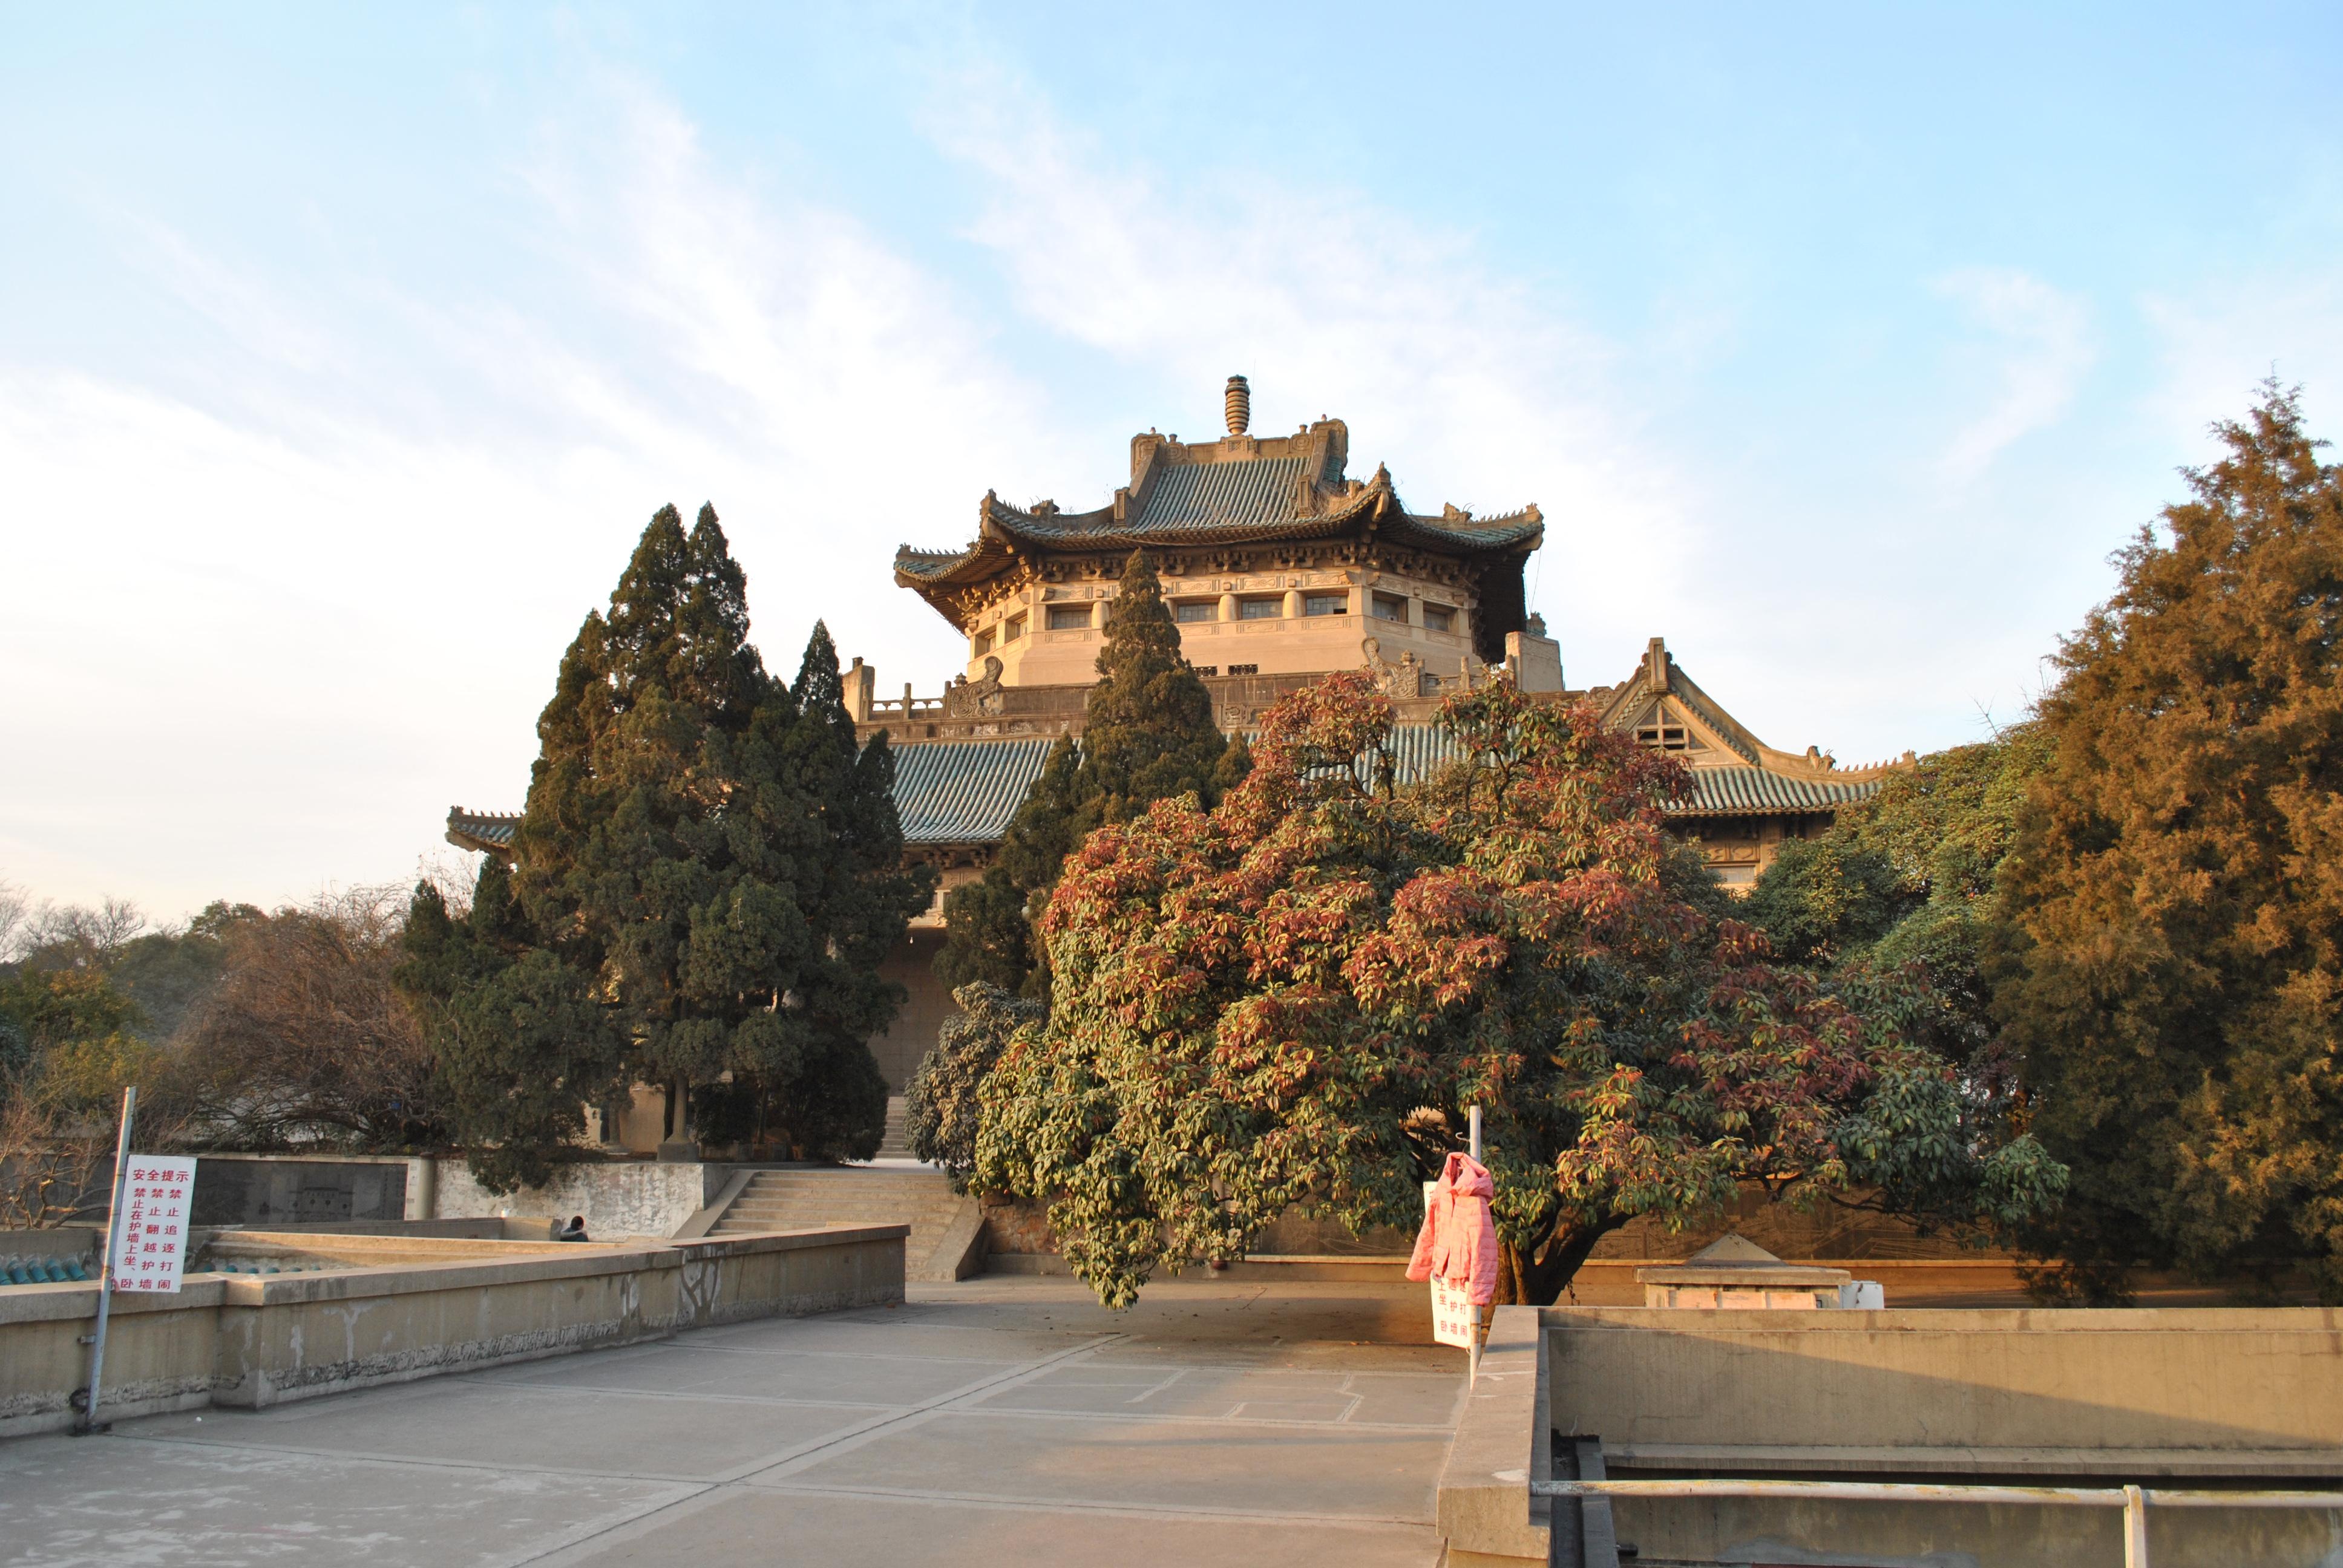 image of Wuhan University